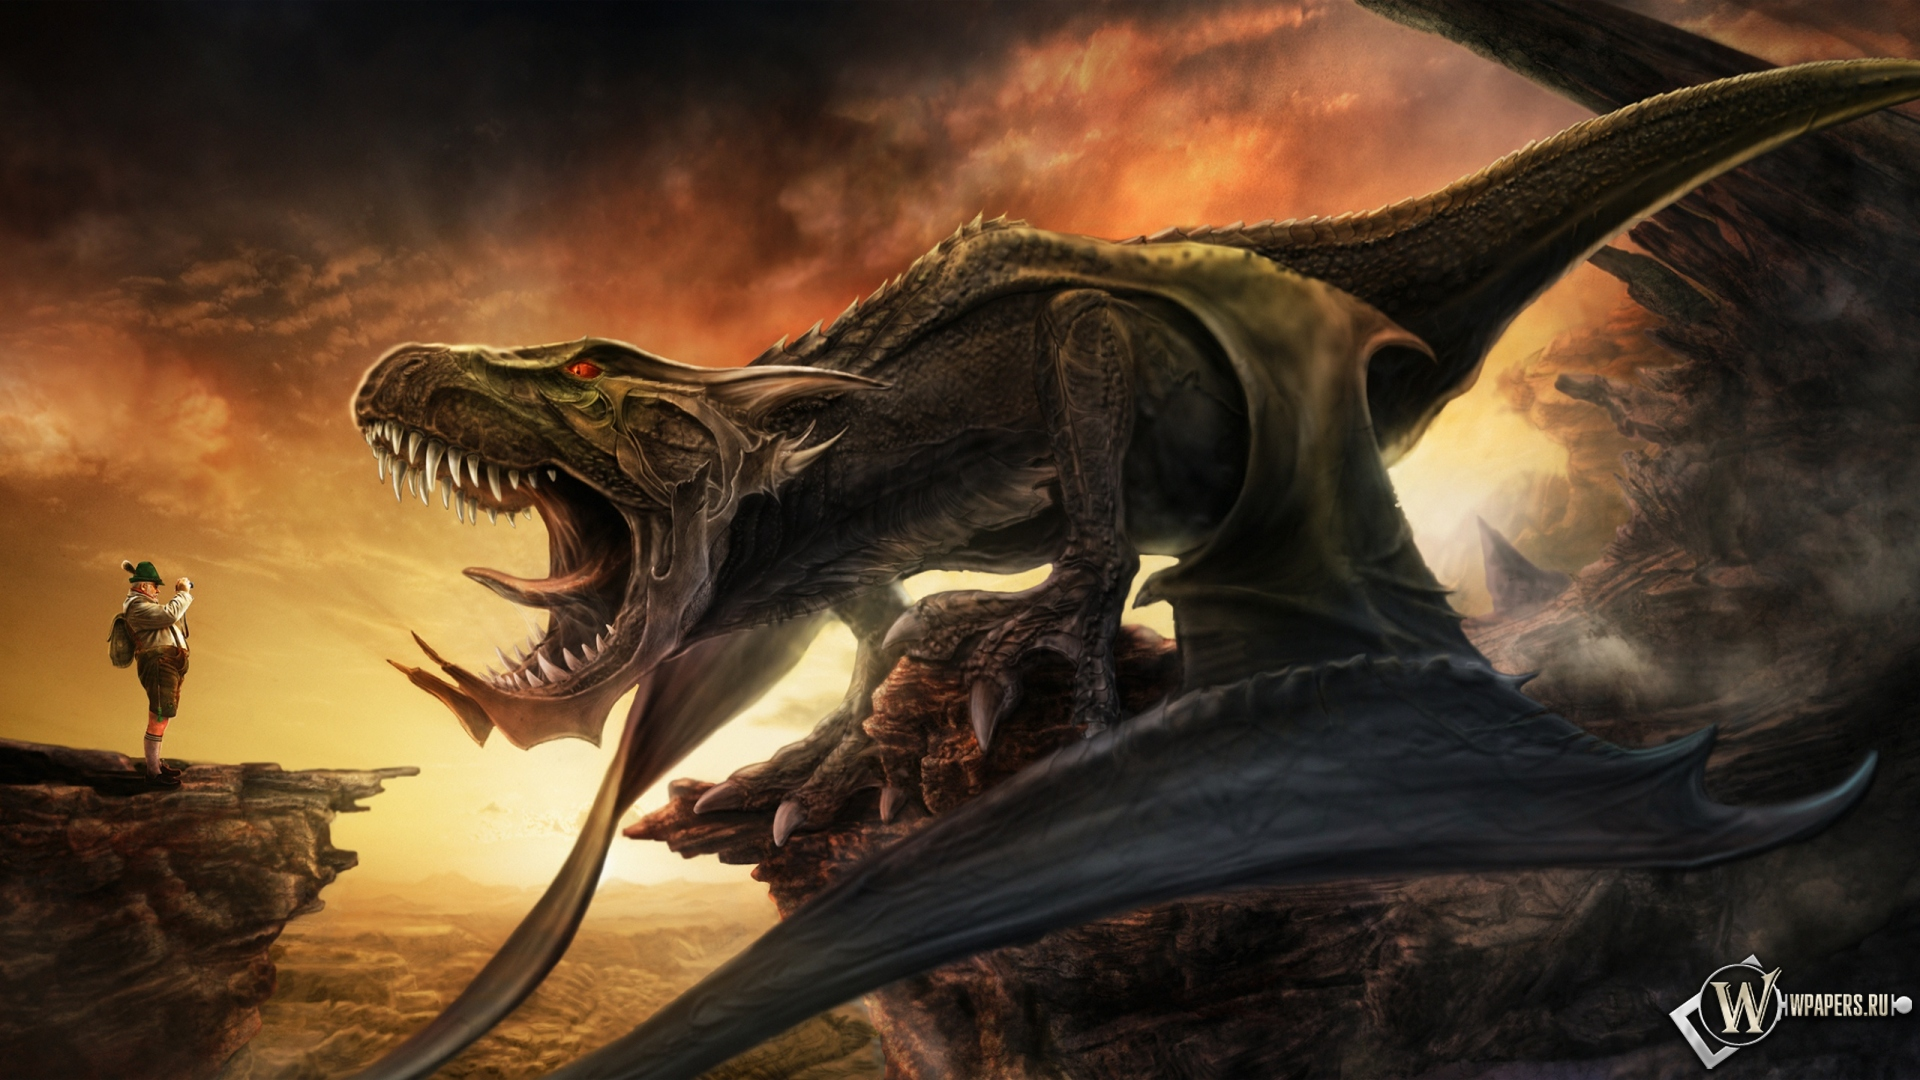 Обои фото дракона дракон фотограф